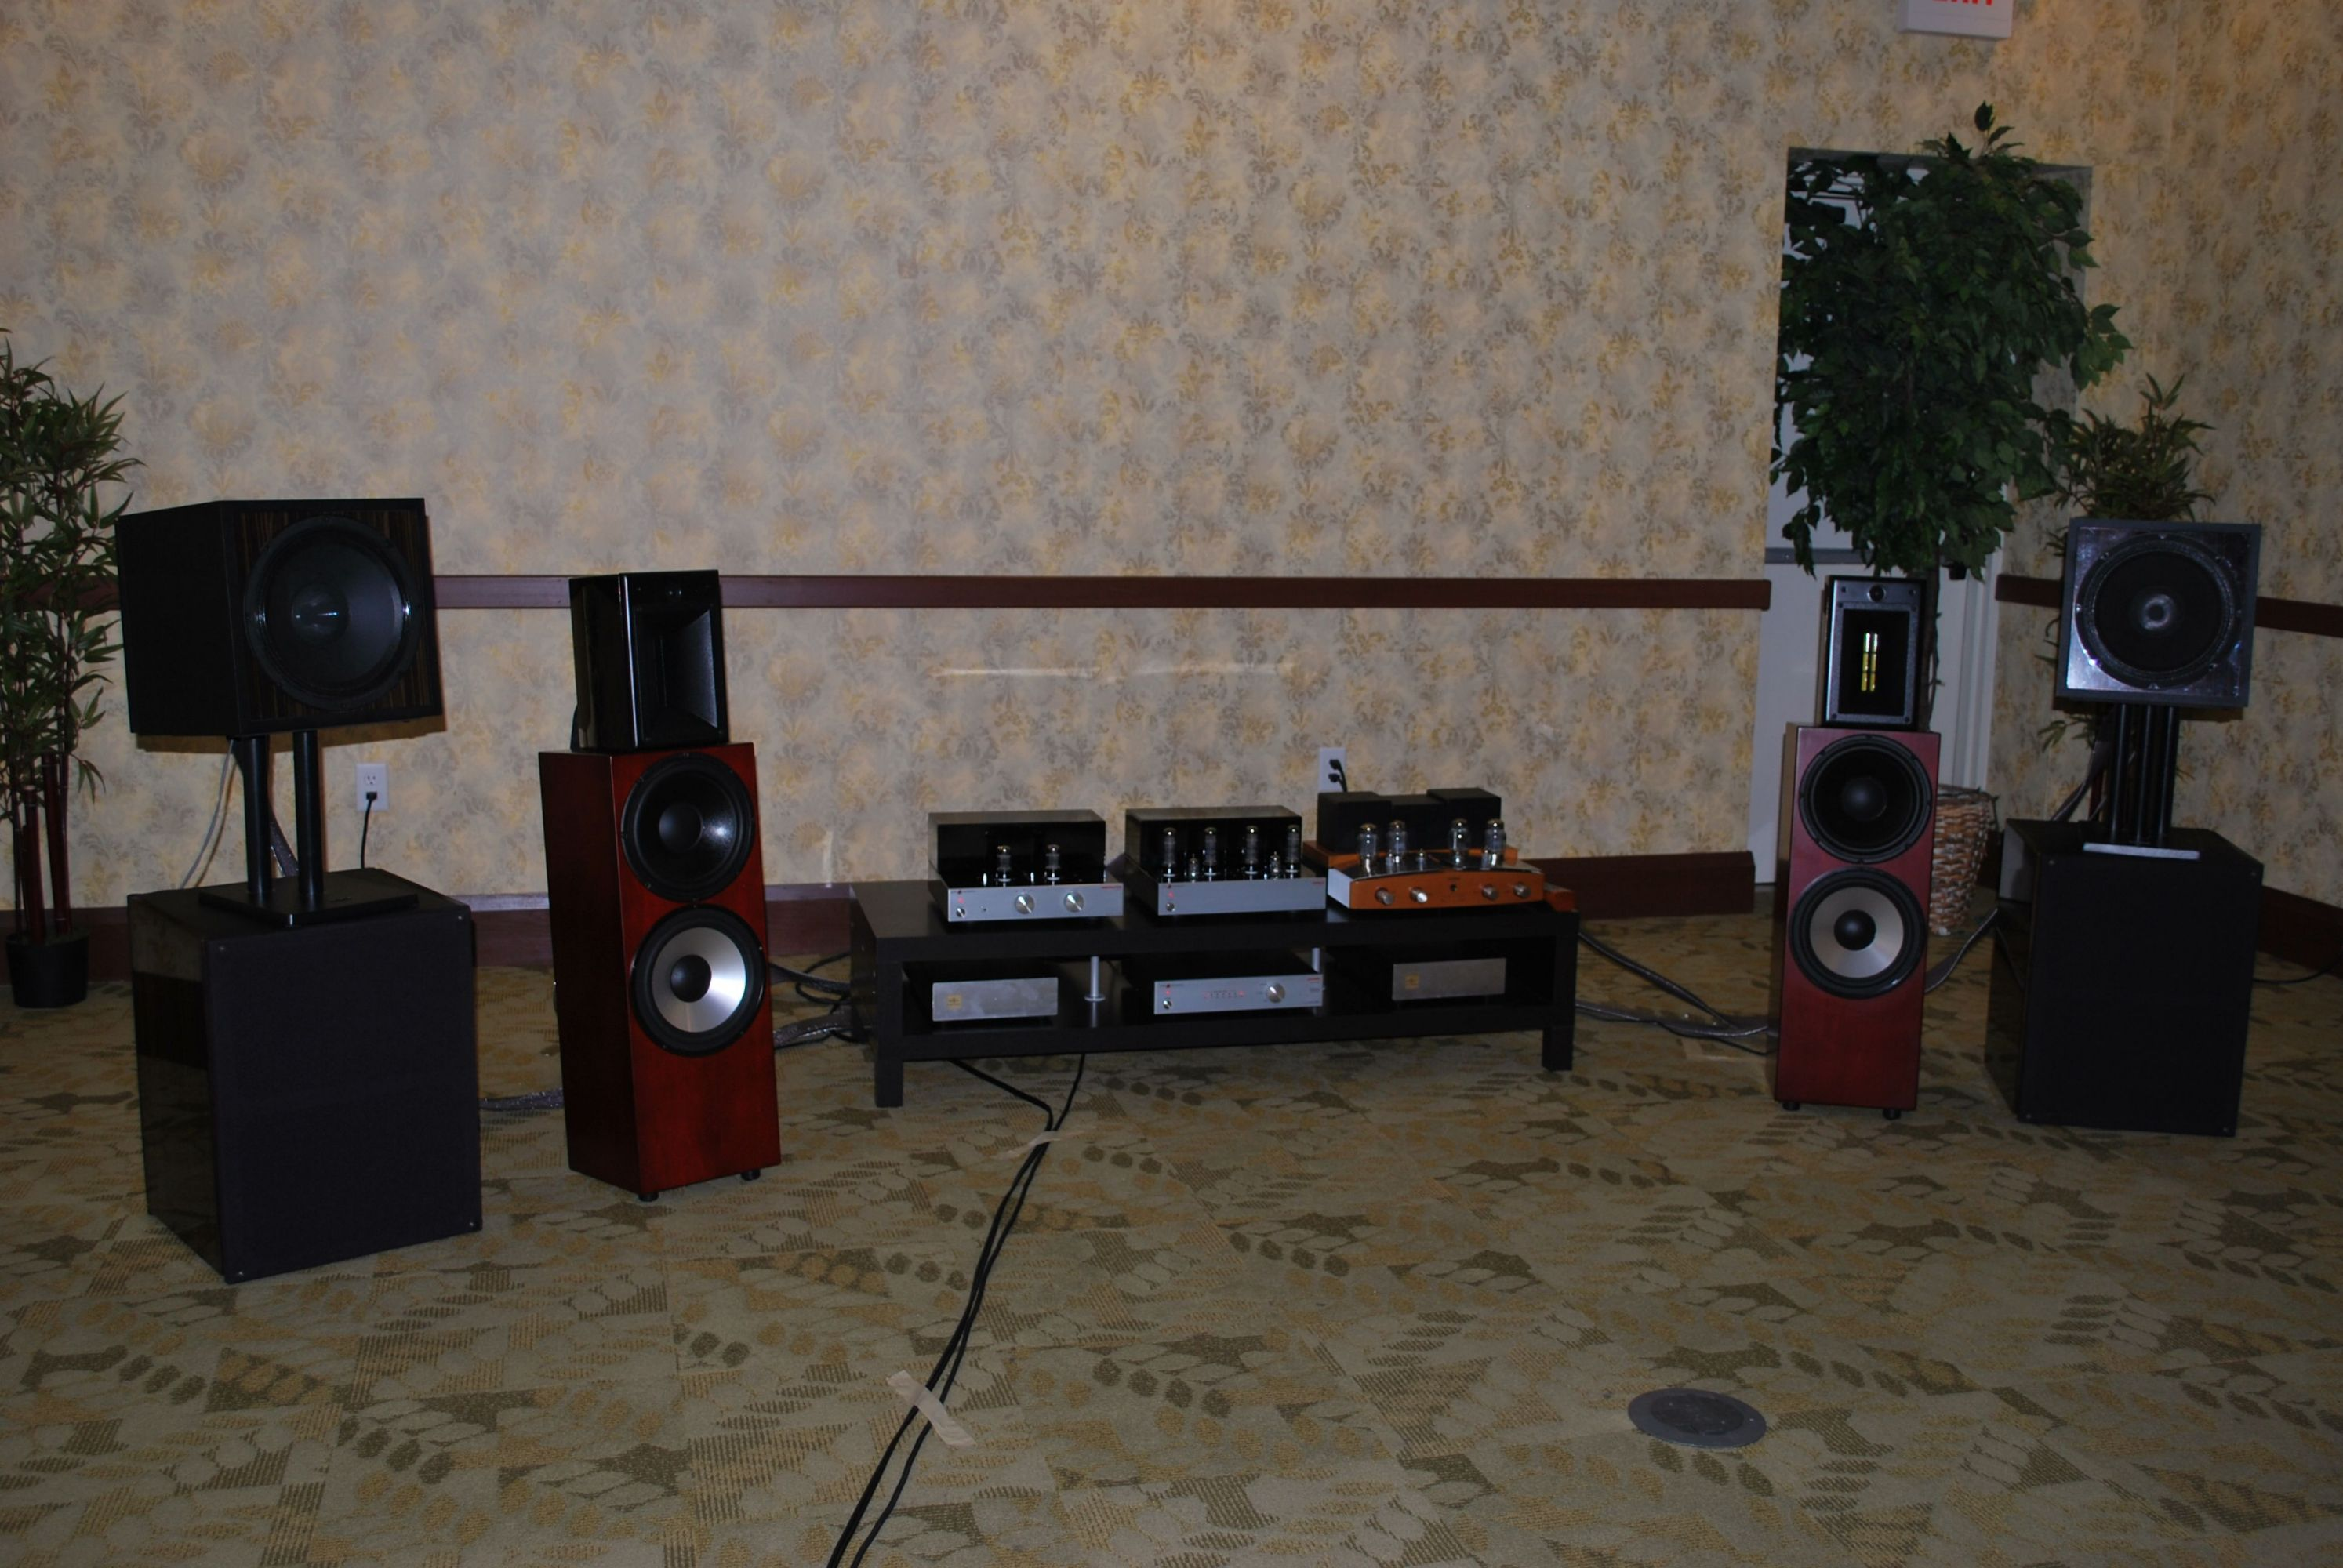 http://lonestaraudiofest.com/2013/Photos/Dsc_0090.jpg